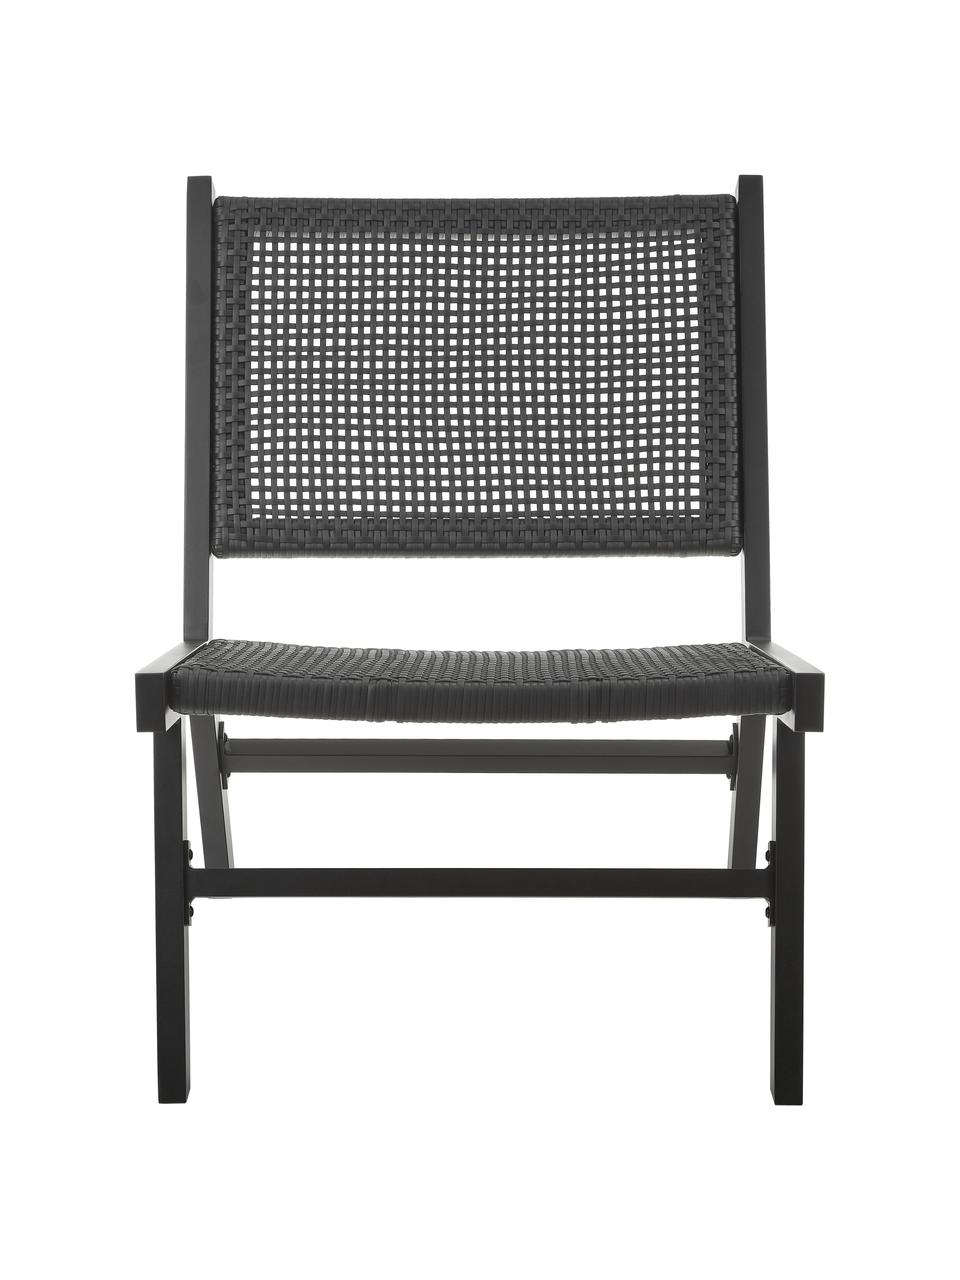 Garten-Loungesessel Palina mit Kunststoff-Geflecht in Schwarz, Gestell: Metall, pulverbeschichtet, Sitzfläche: Kunststoff-Geflecht, Schwarz, B 57 x T 78 cm